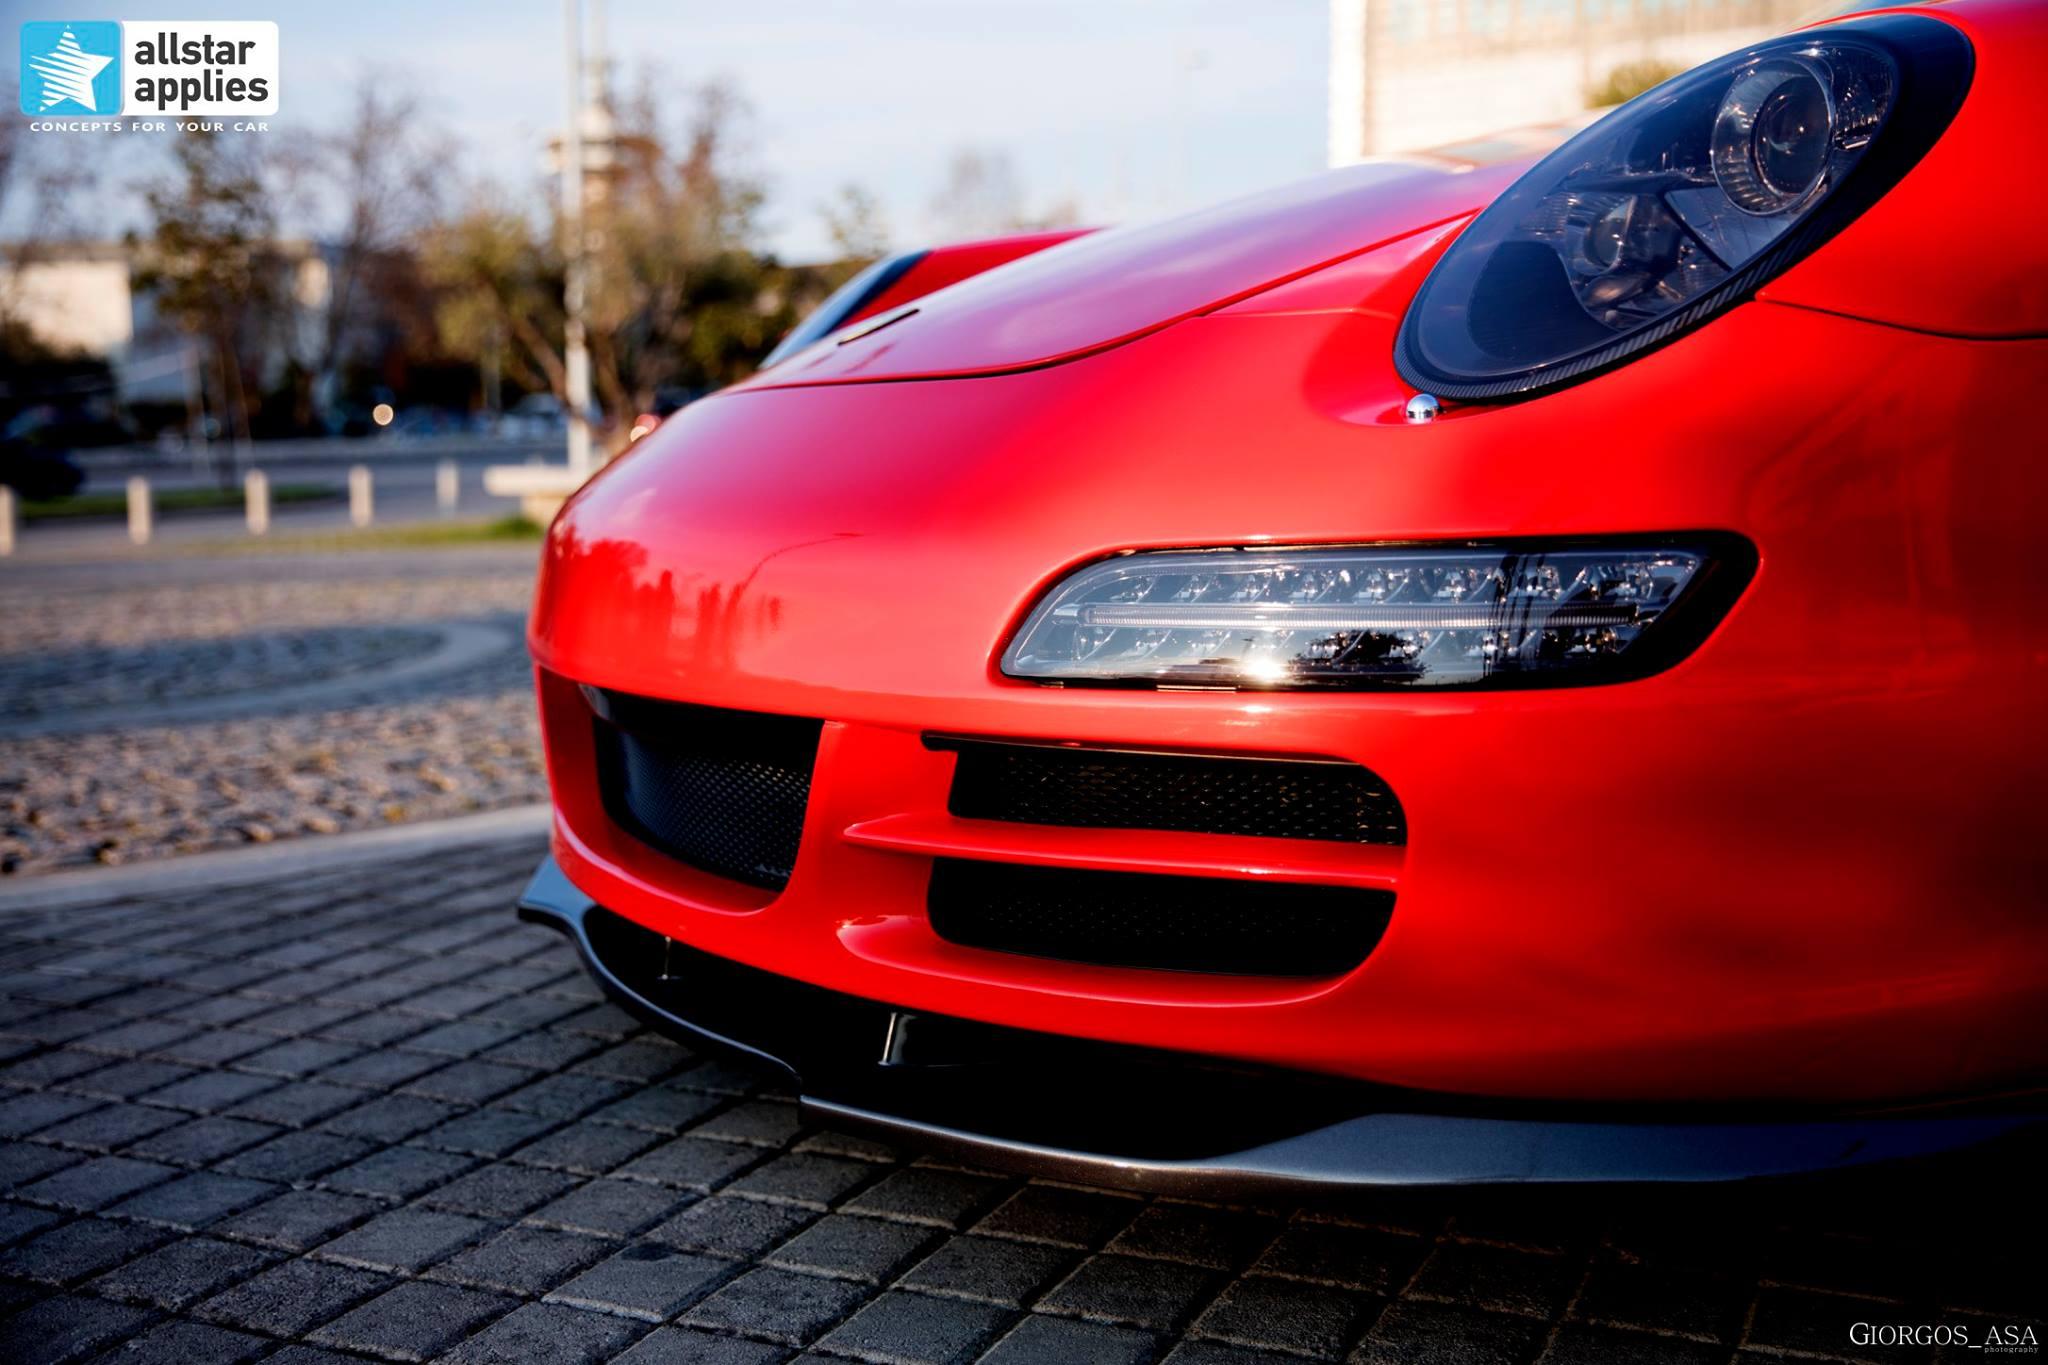 Porsche Carrera 4S - Redhot Gloss (11)